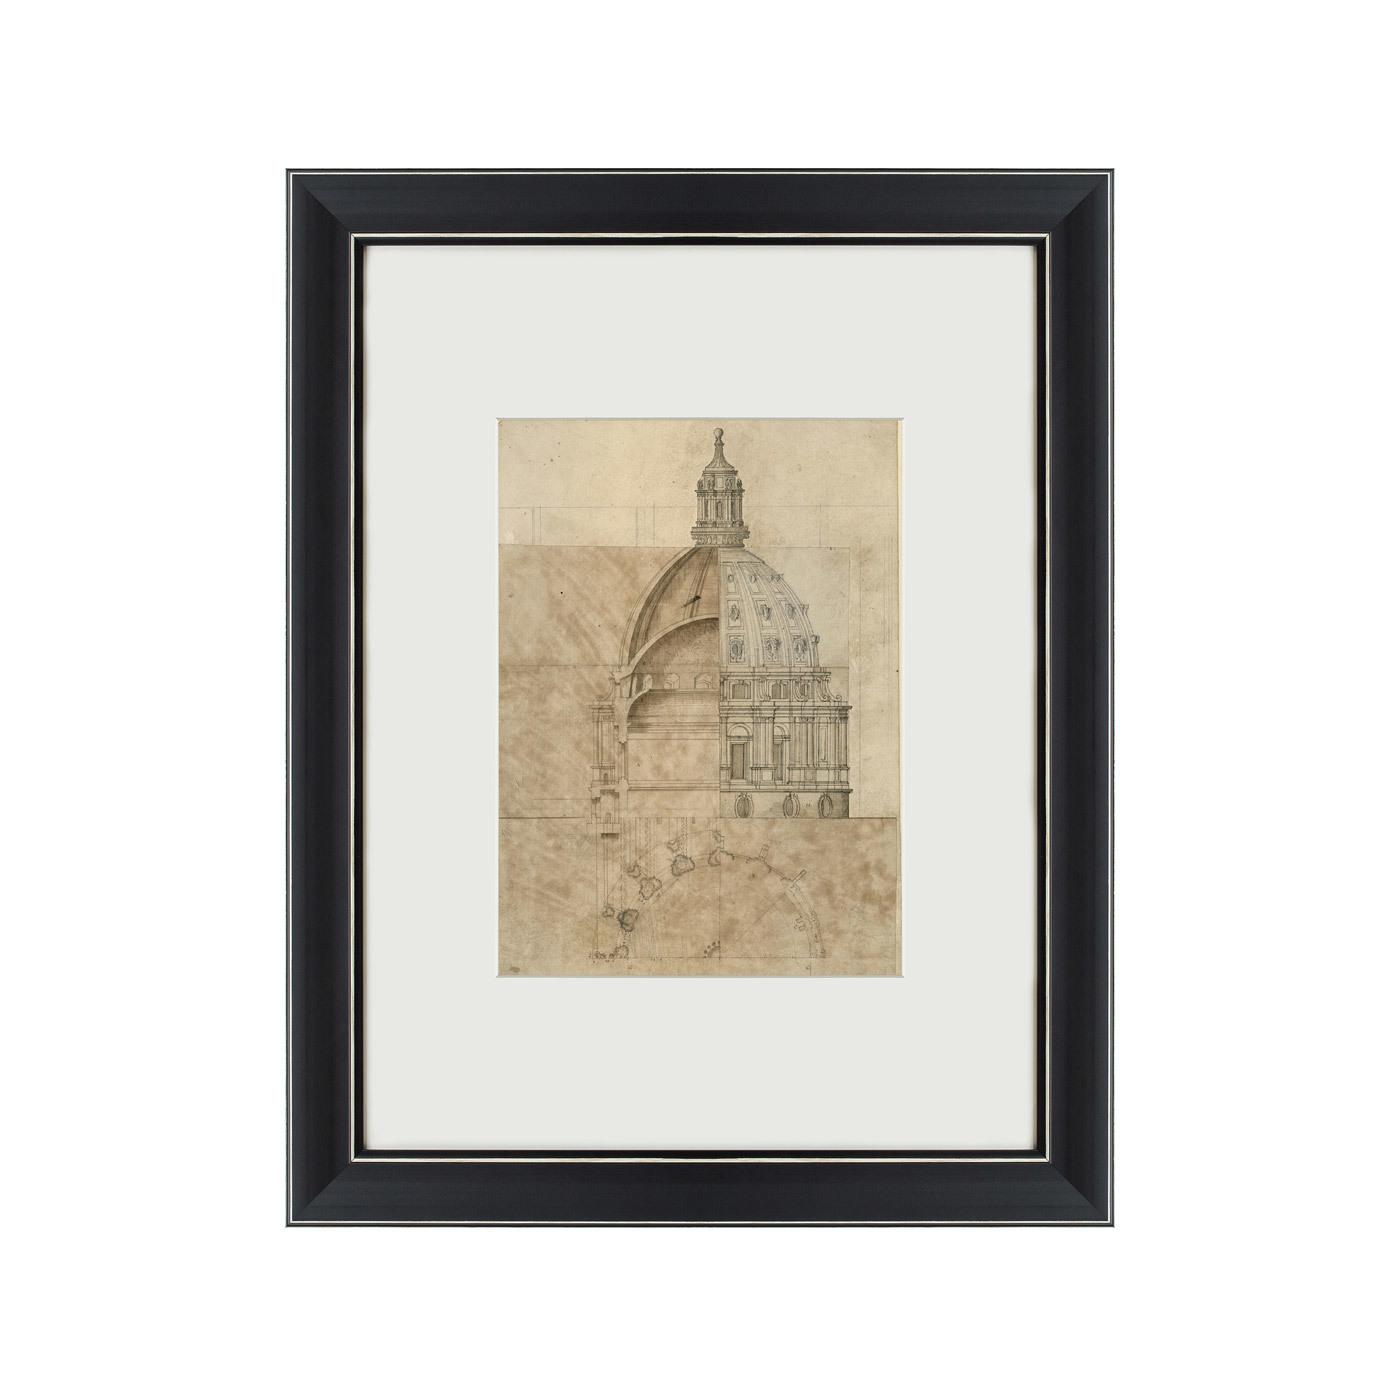 {} Картины в Квартиру Картина Эскиз Собора Святого Павла (47х60 см) картины в квартиру картина цветная гравюра 2 47х60 см